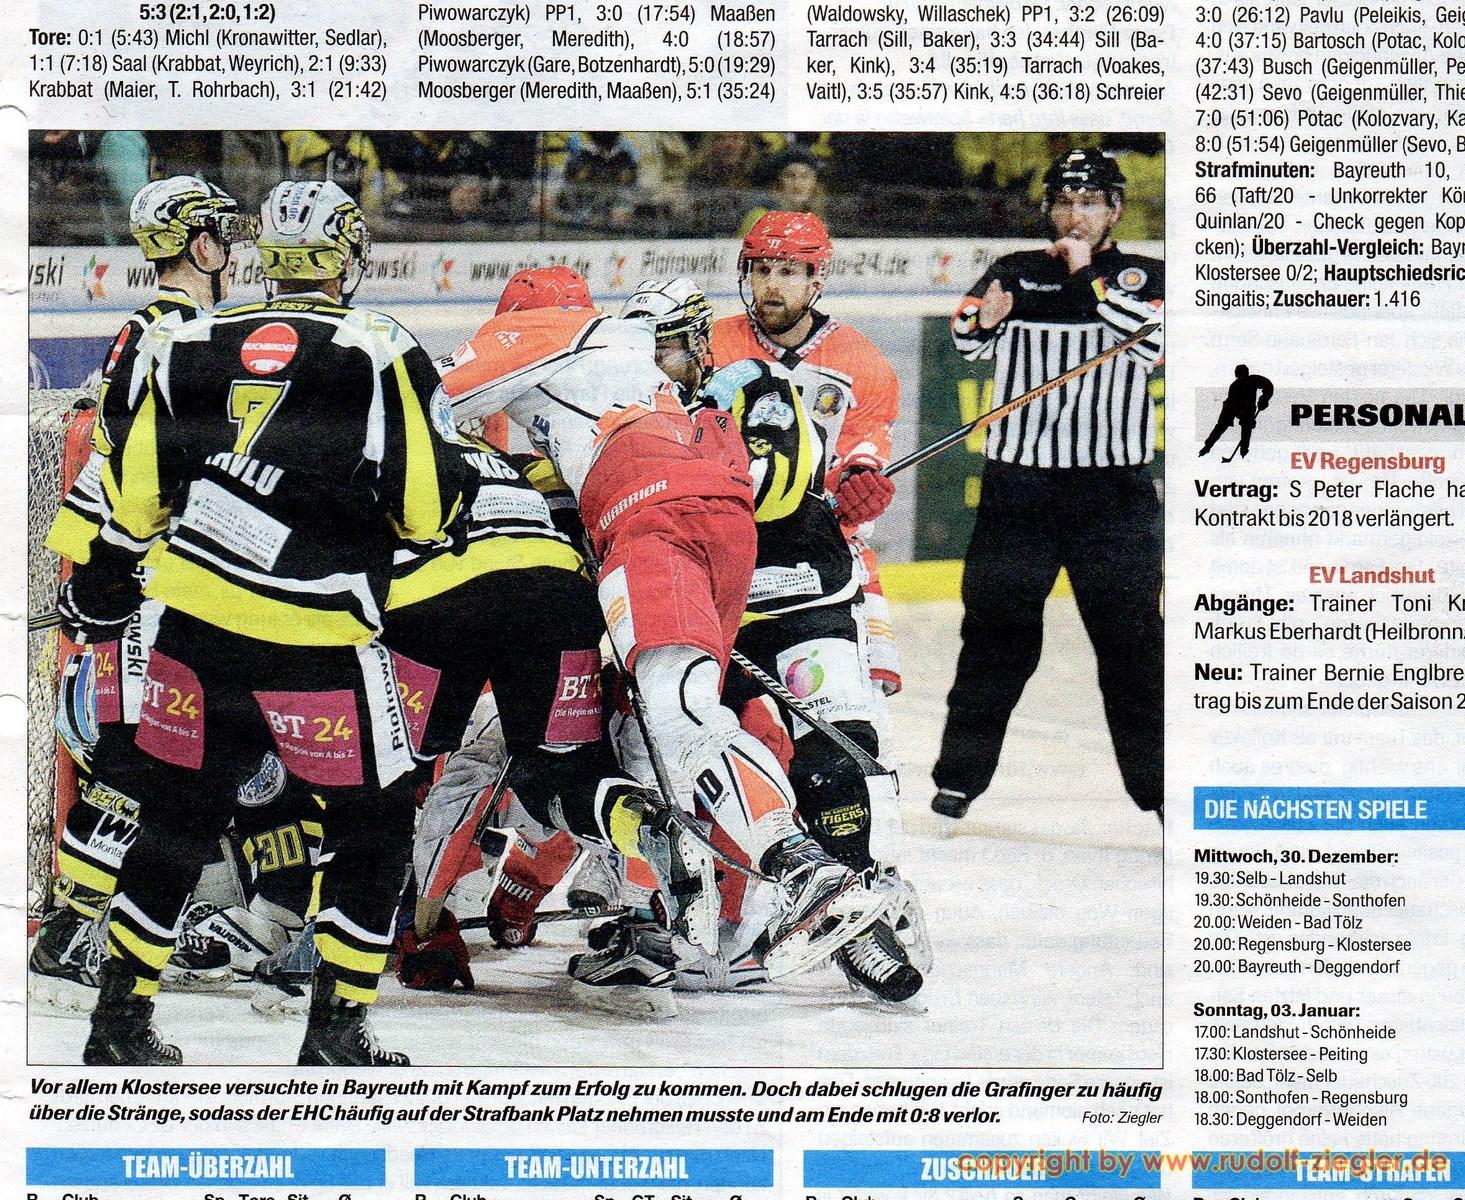 Eishockey NEWS 2015-12-30-A - 1600x1200